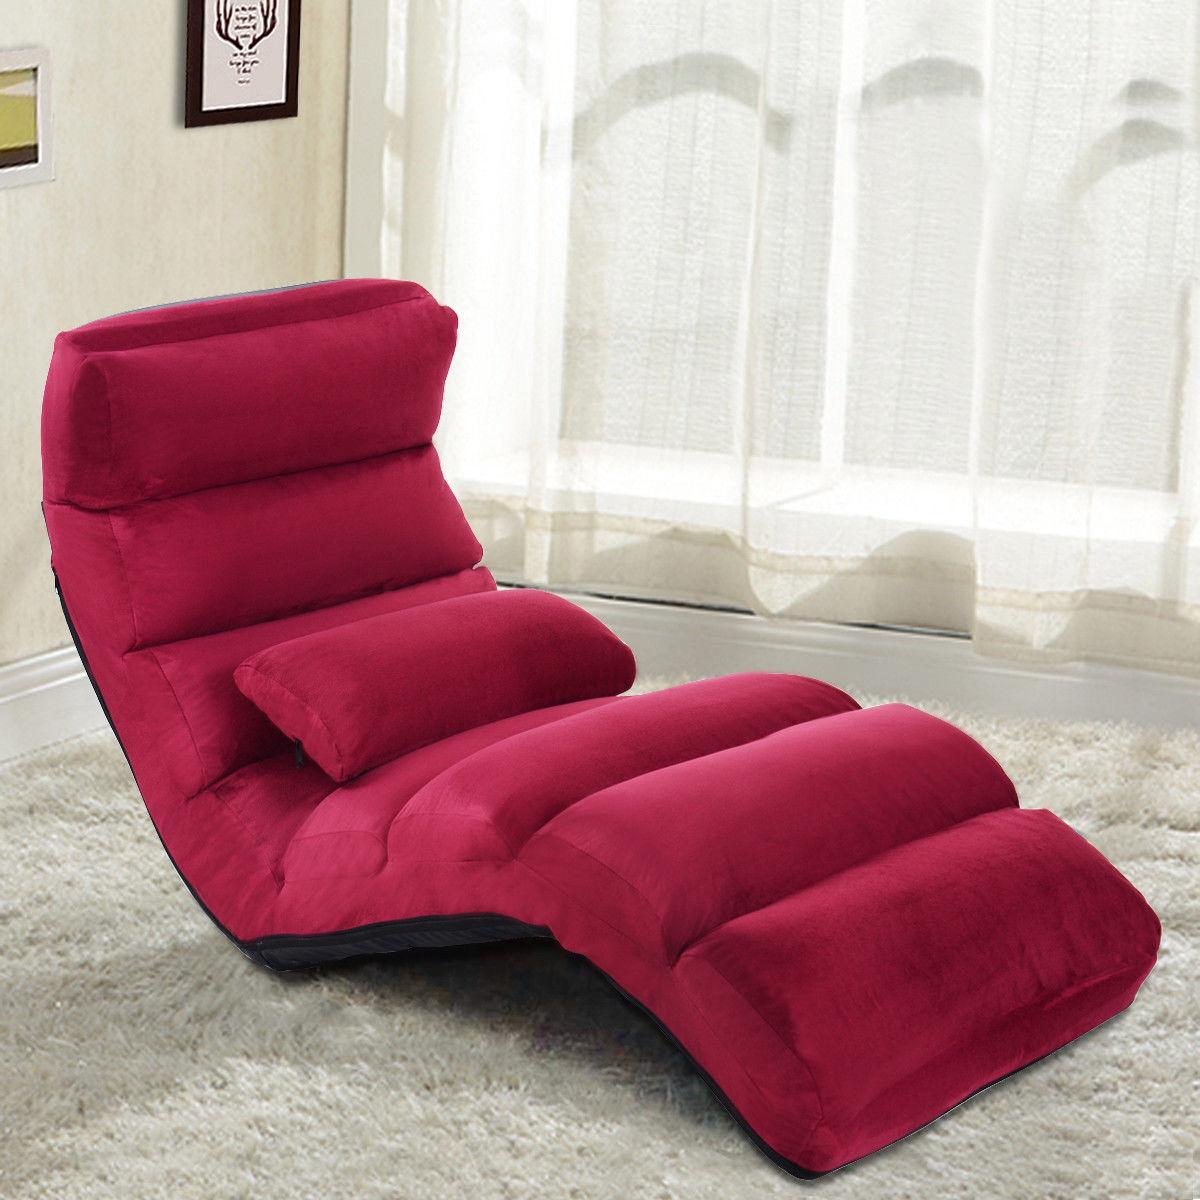 Costway: Costway Burgundy Folding Lazy Sofa Chair Stylish ...